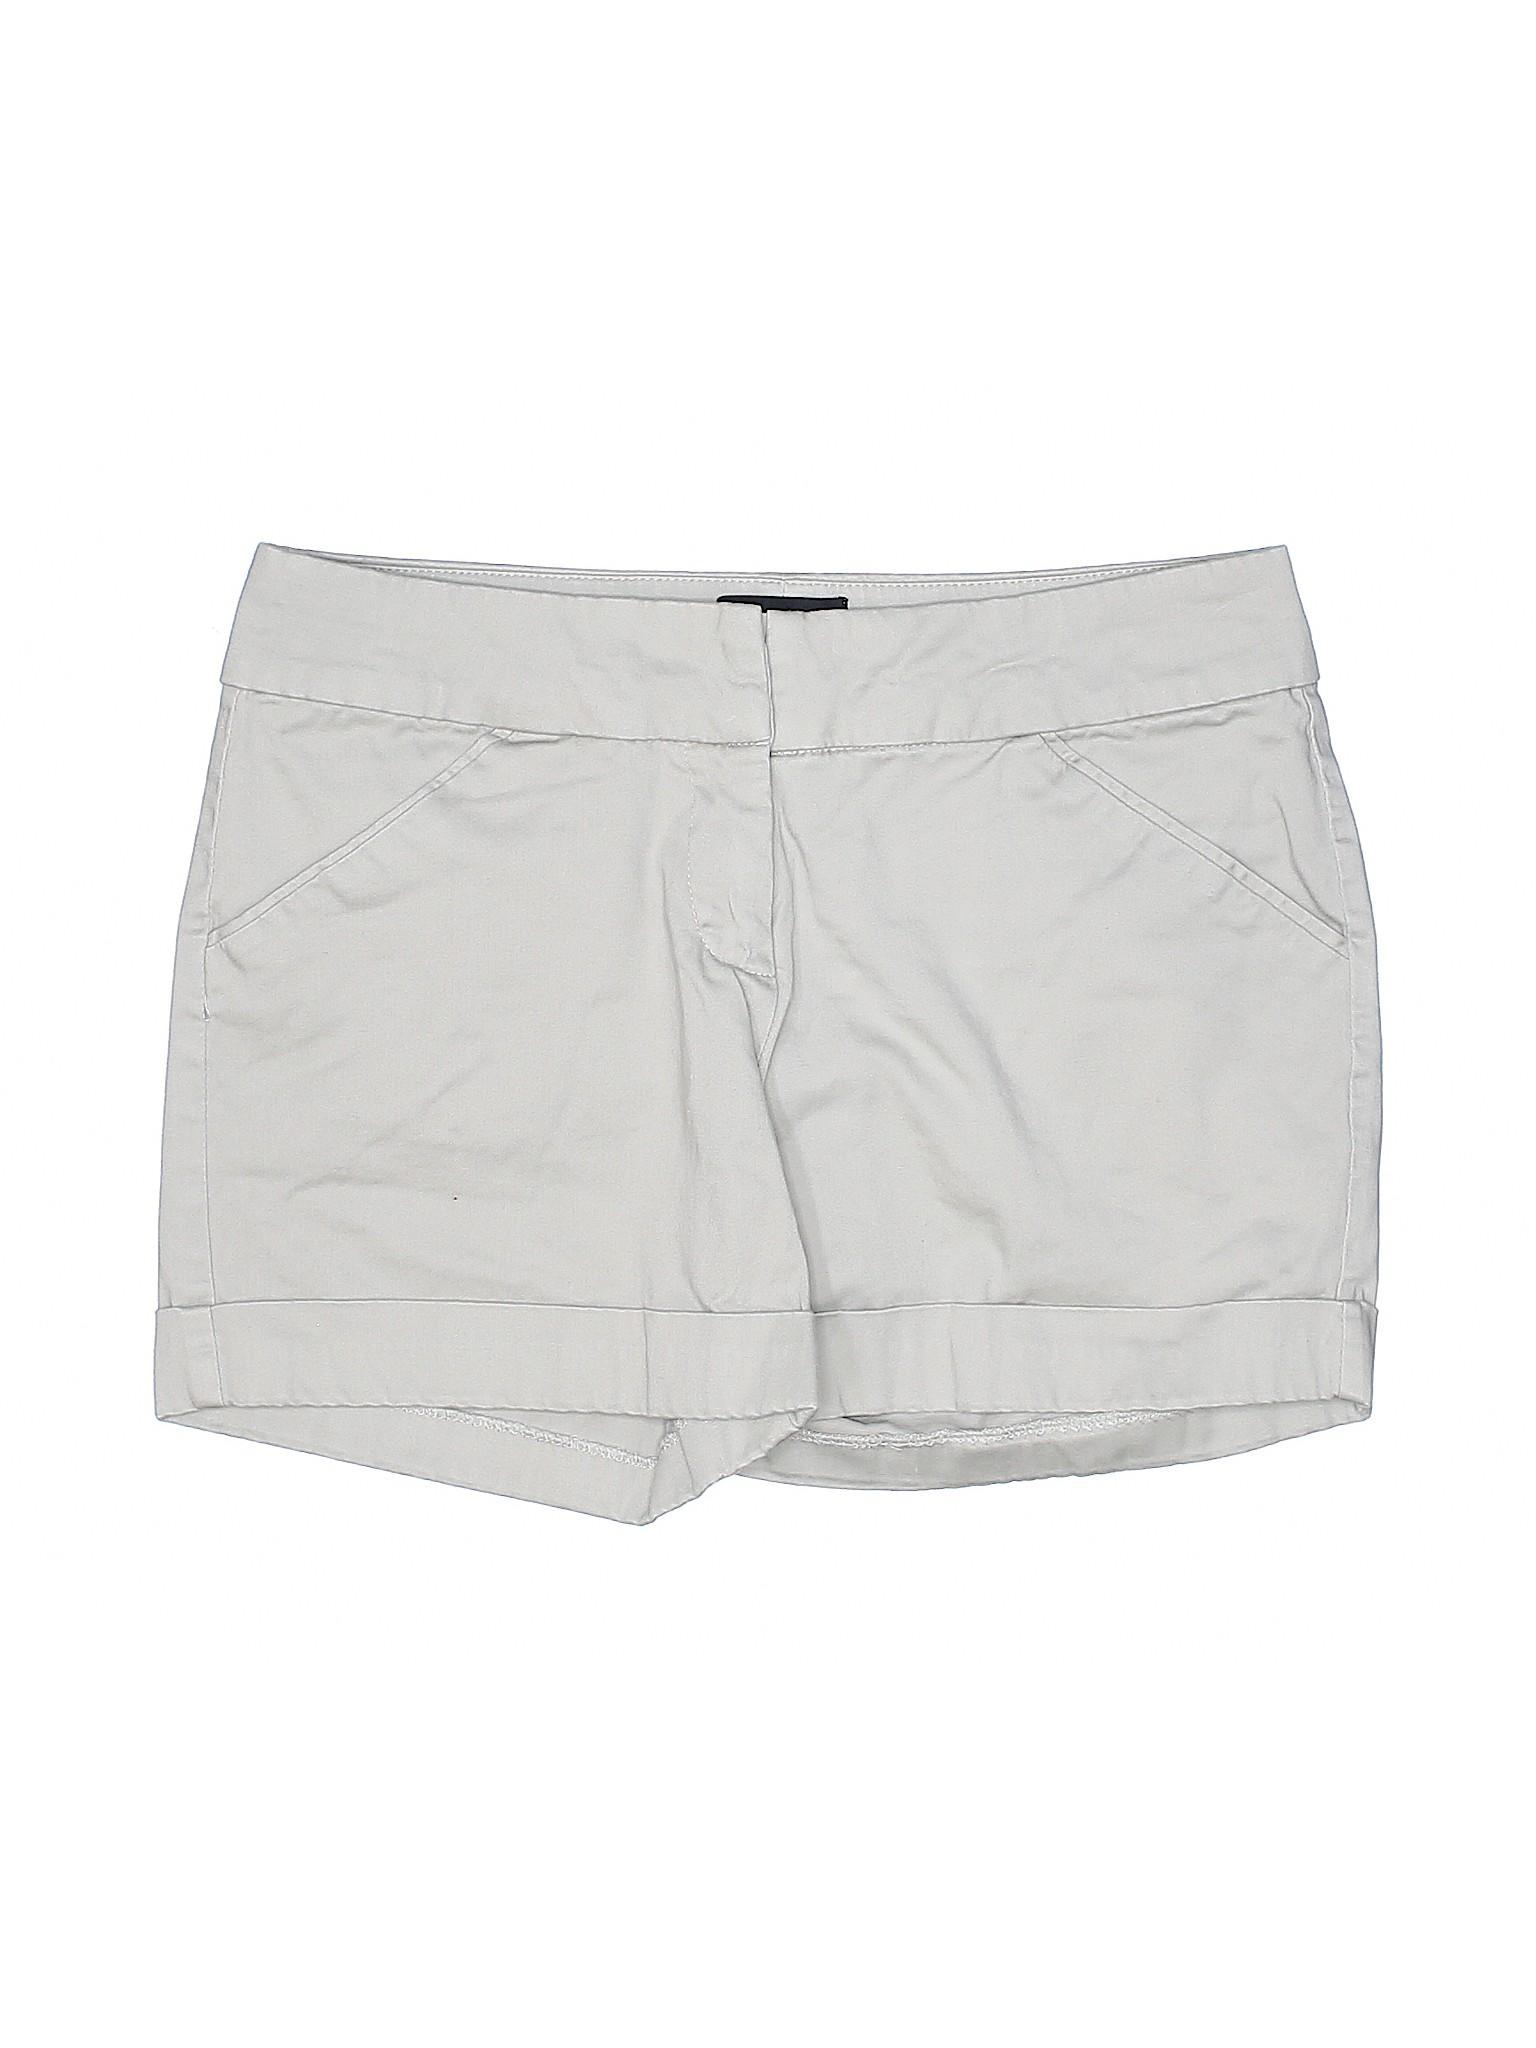 Boutique Boutique The Limited The Shorts Khaki U77w5p